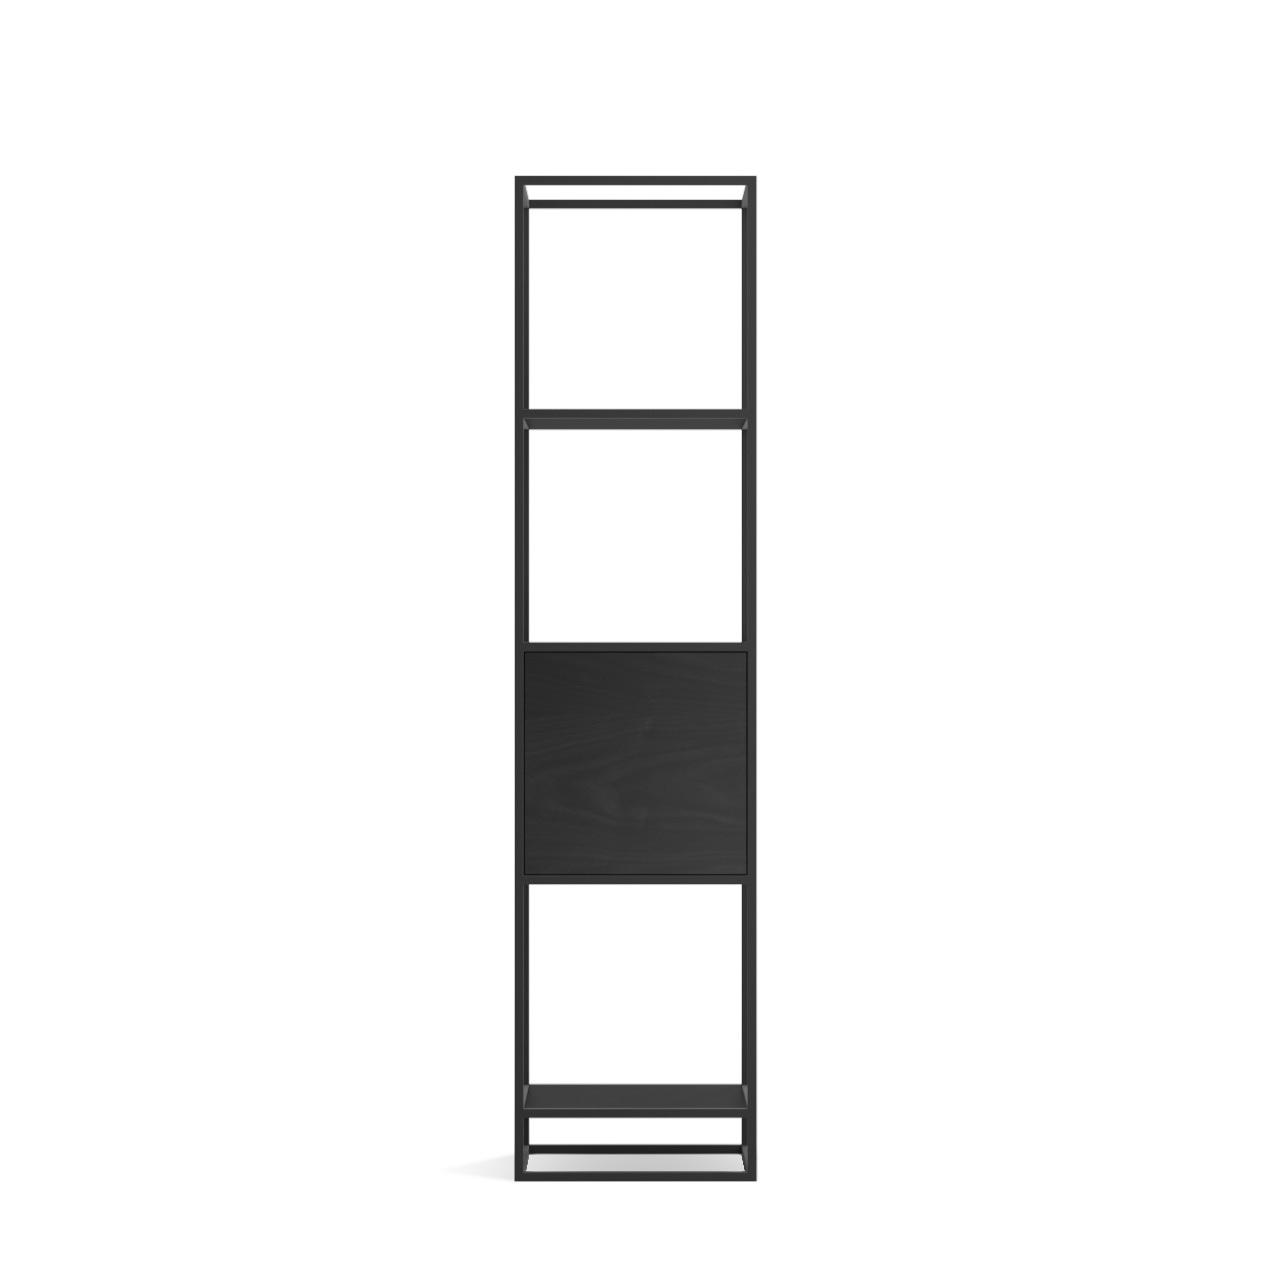 Стеллаж Intelligent design Kvadra 1, черный - вид 1